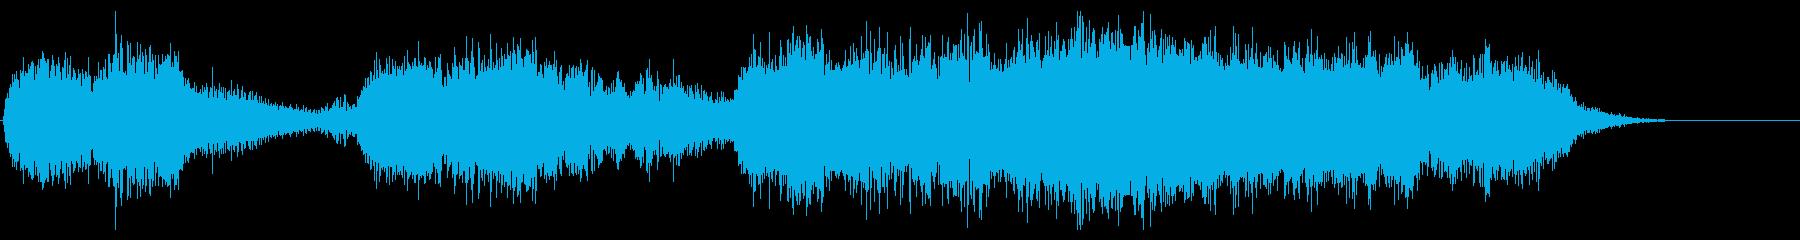 ハロウィン系 恐怖系のジングル オルガンの再生済みの波形